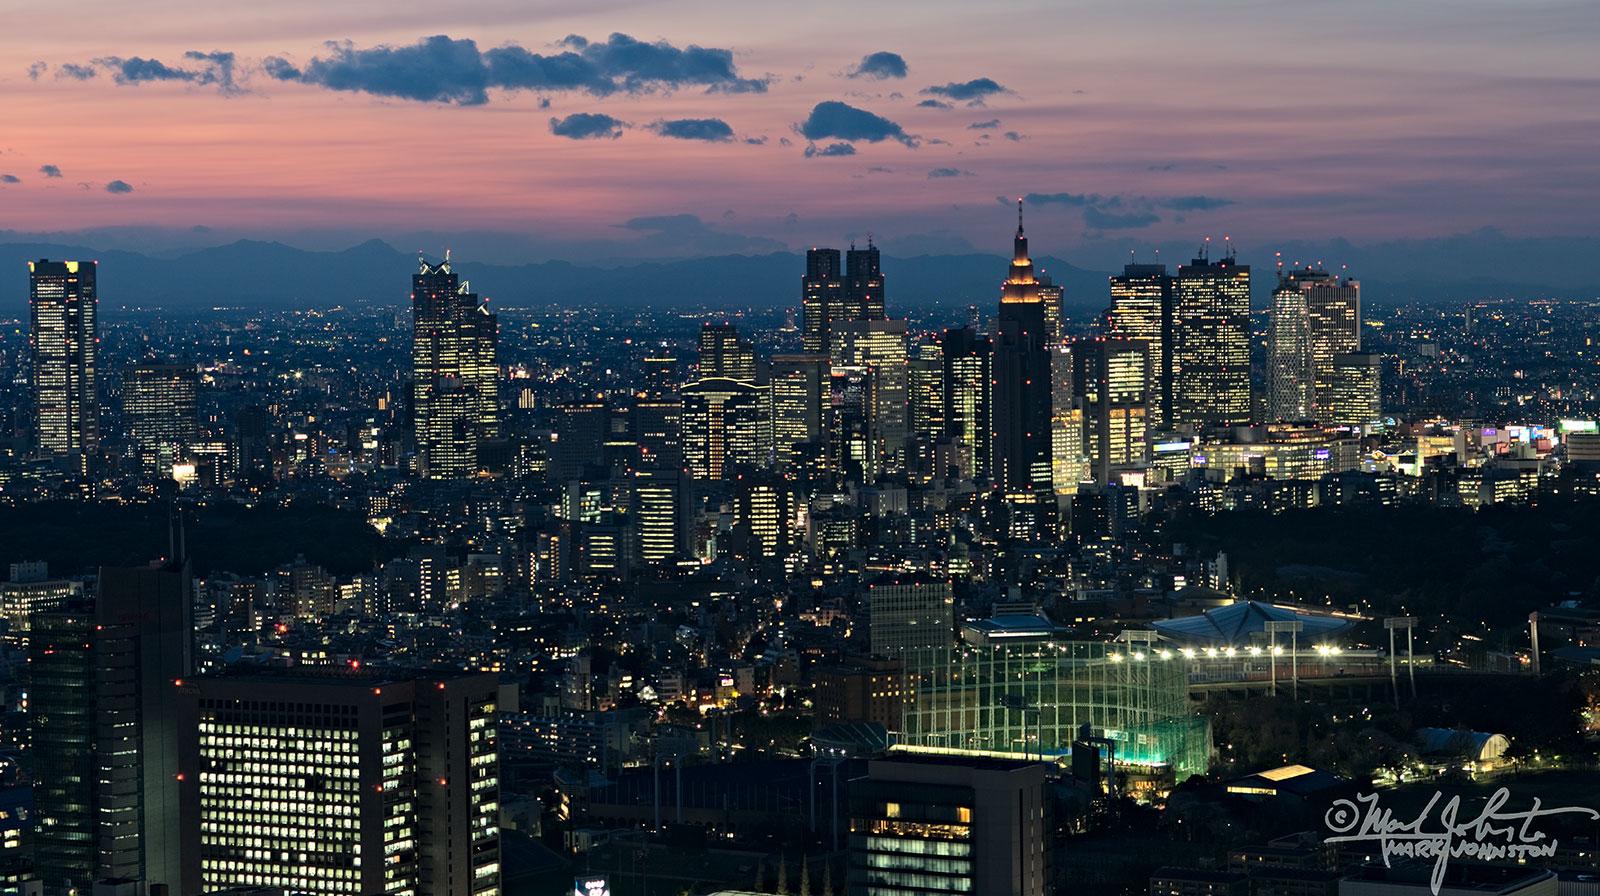 Tokyo's Shinjuku district at twilight.